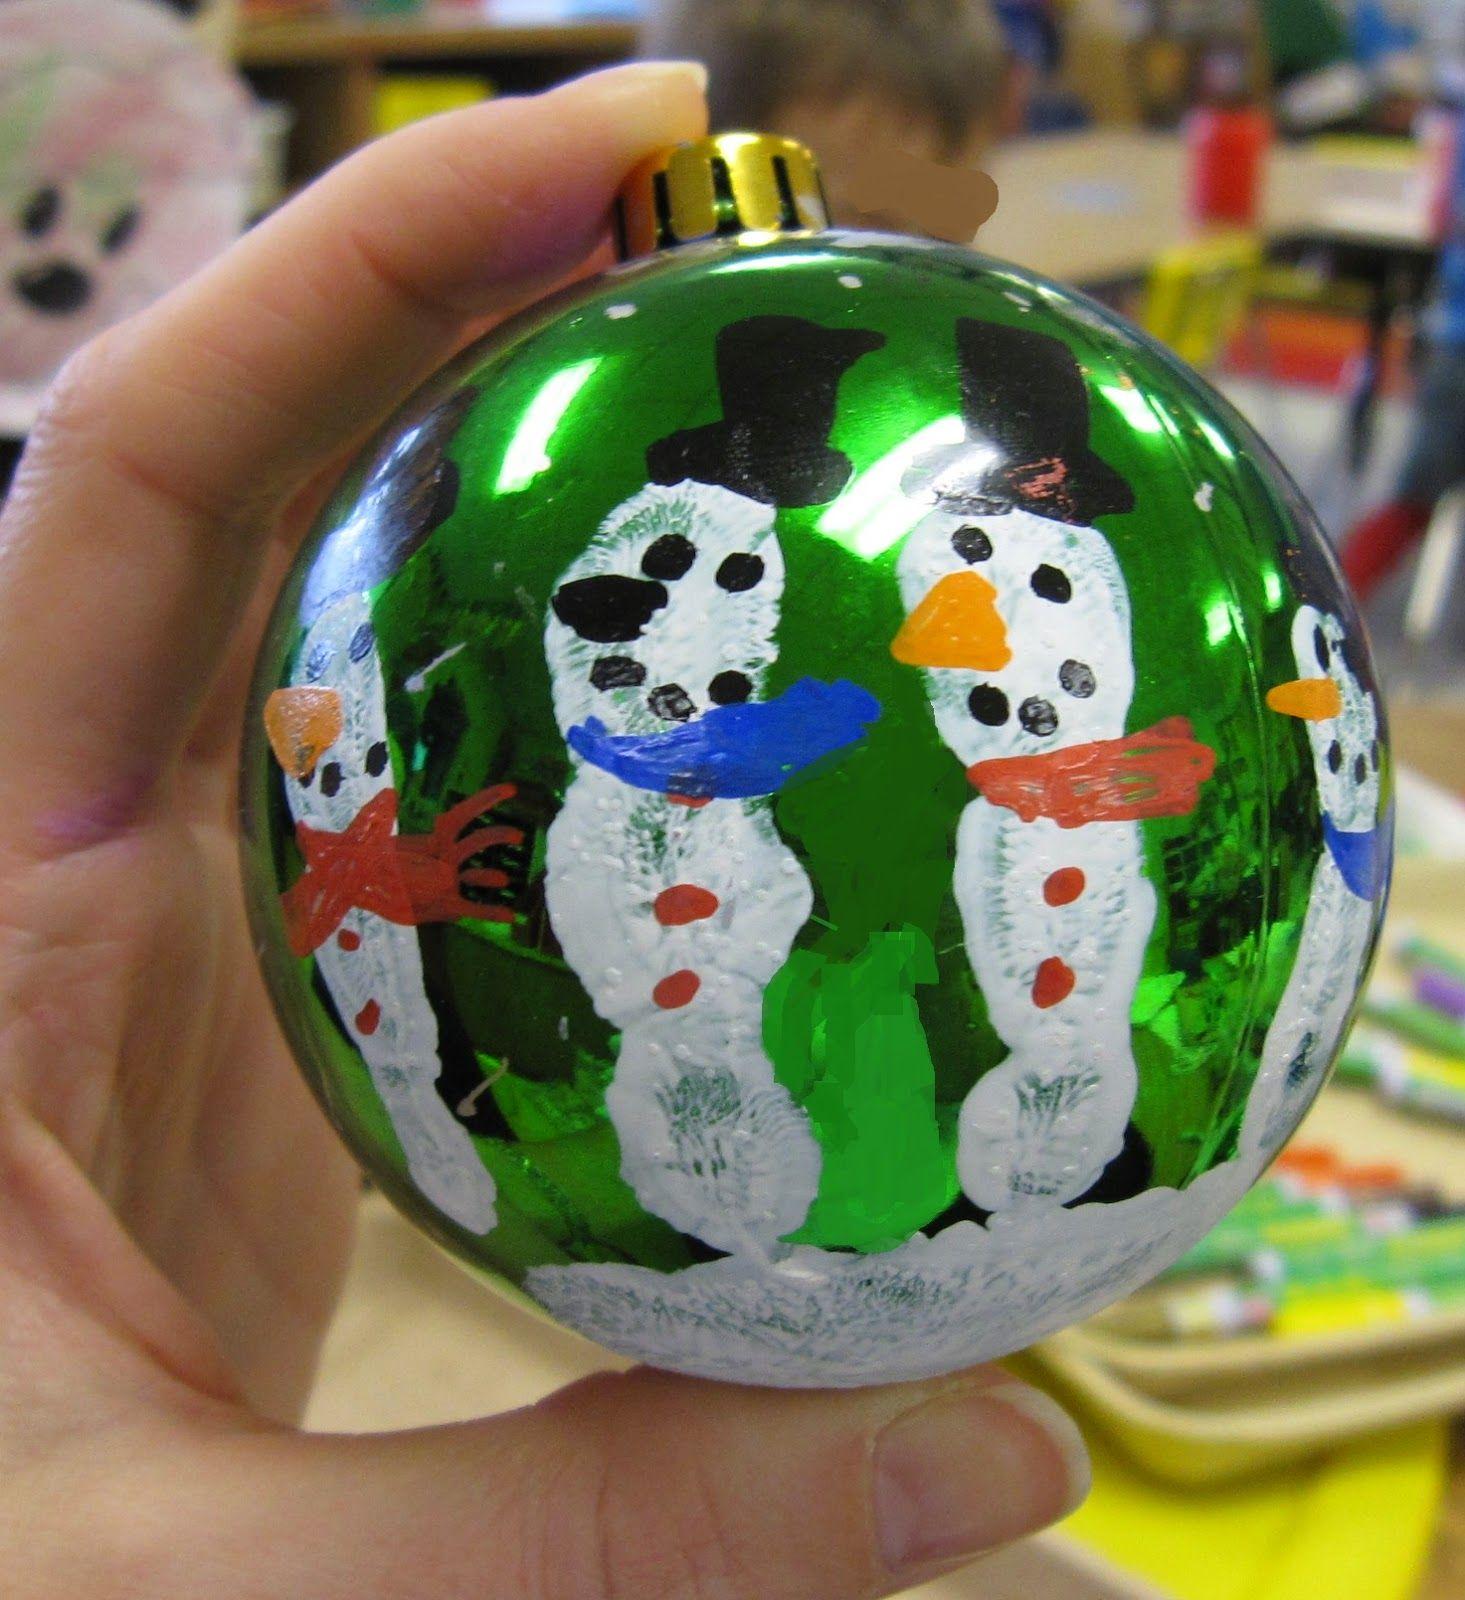 Polar Express December Fun And Winter Ideas